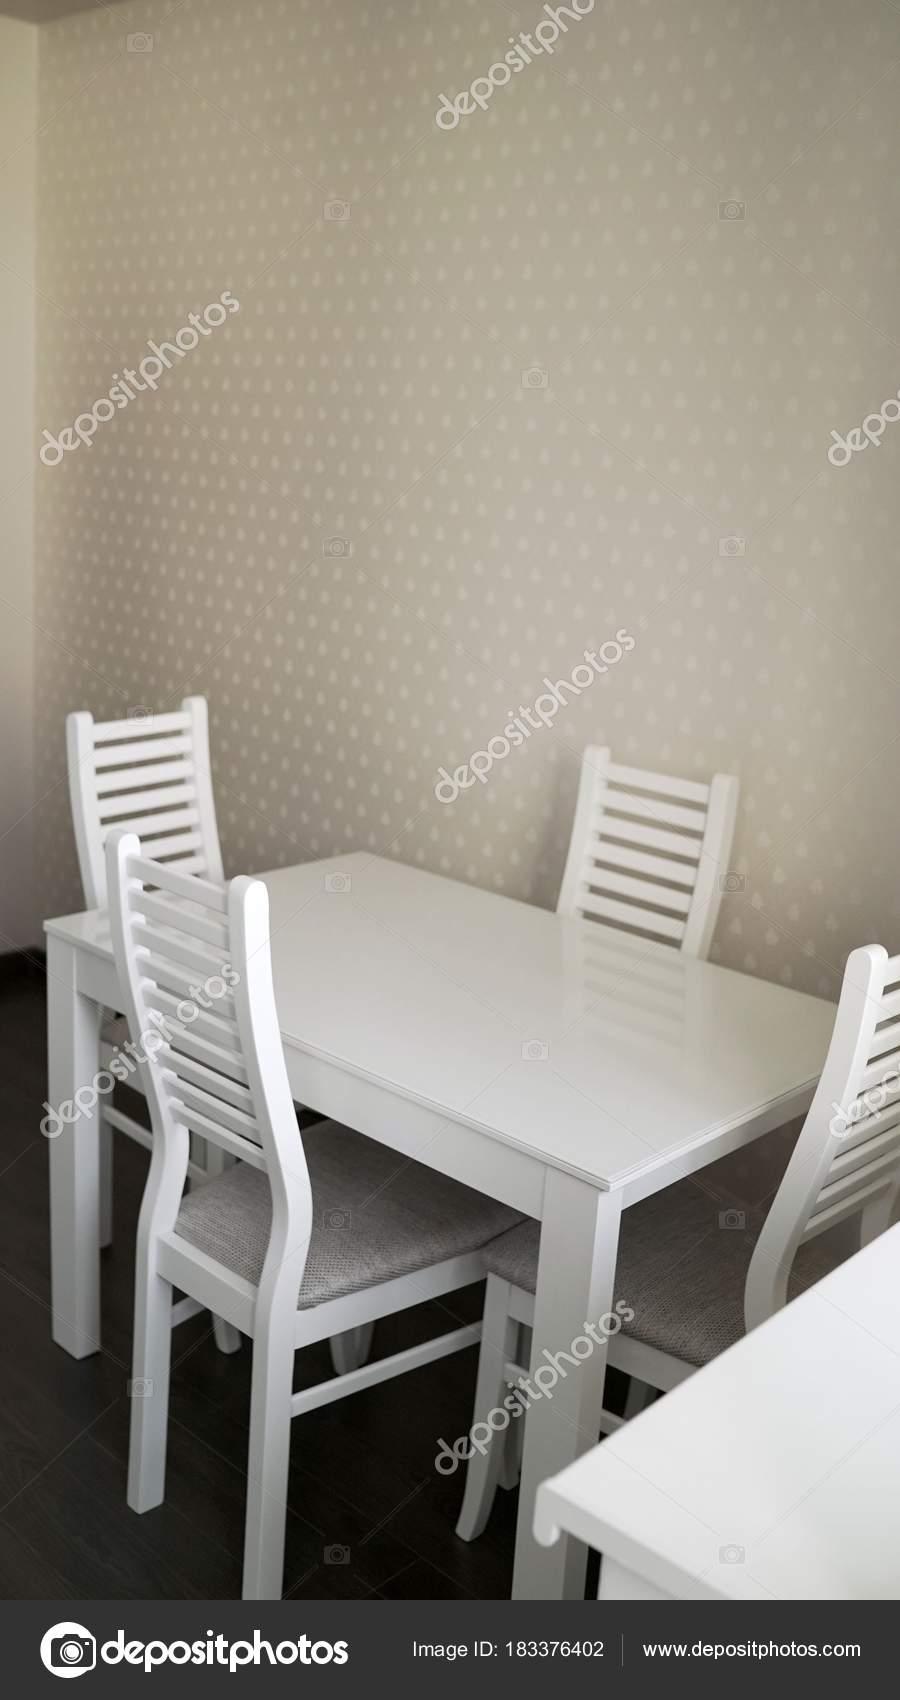 Kuchentisch Mit Stuhlen Kuche Tisch Und Stuhle Der Kuche Stockfoto